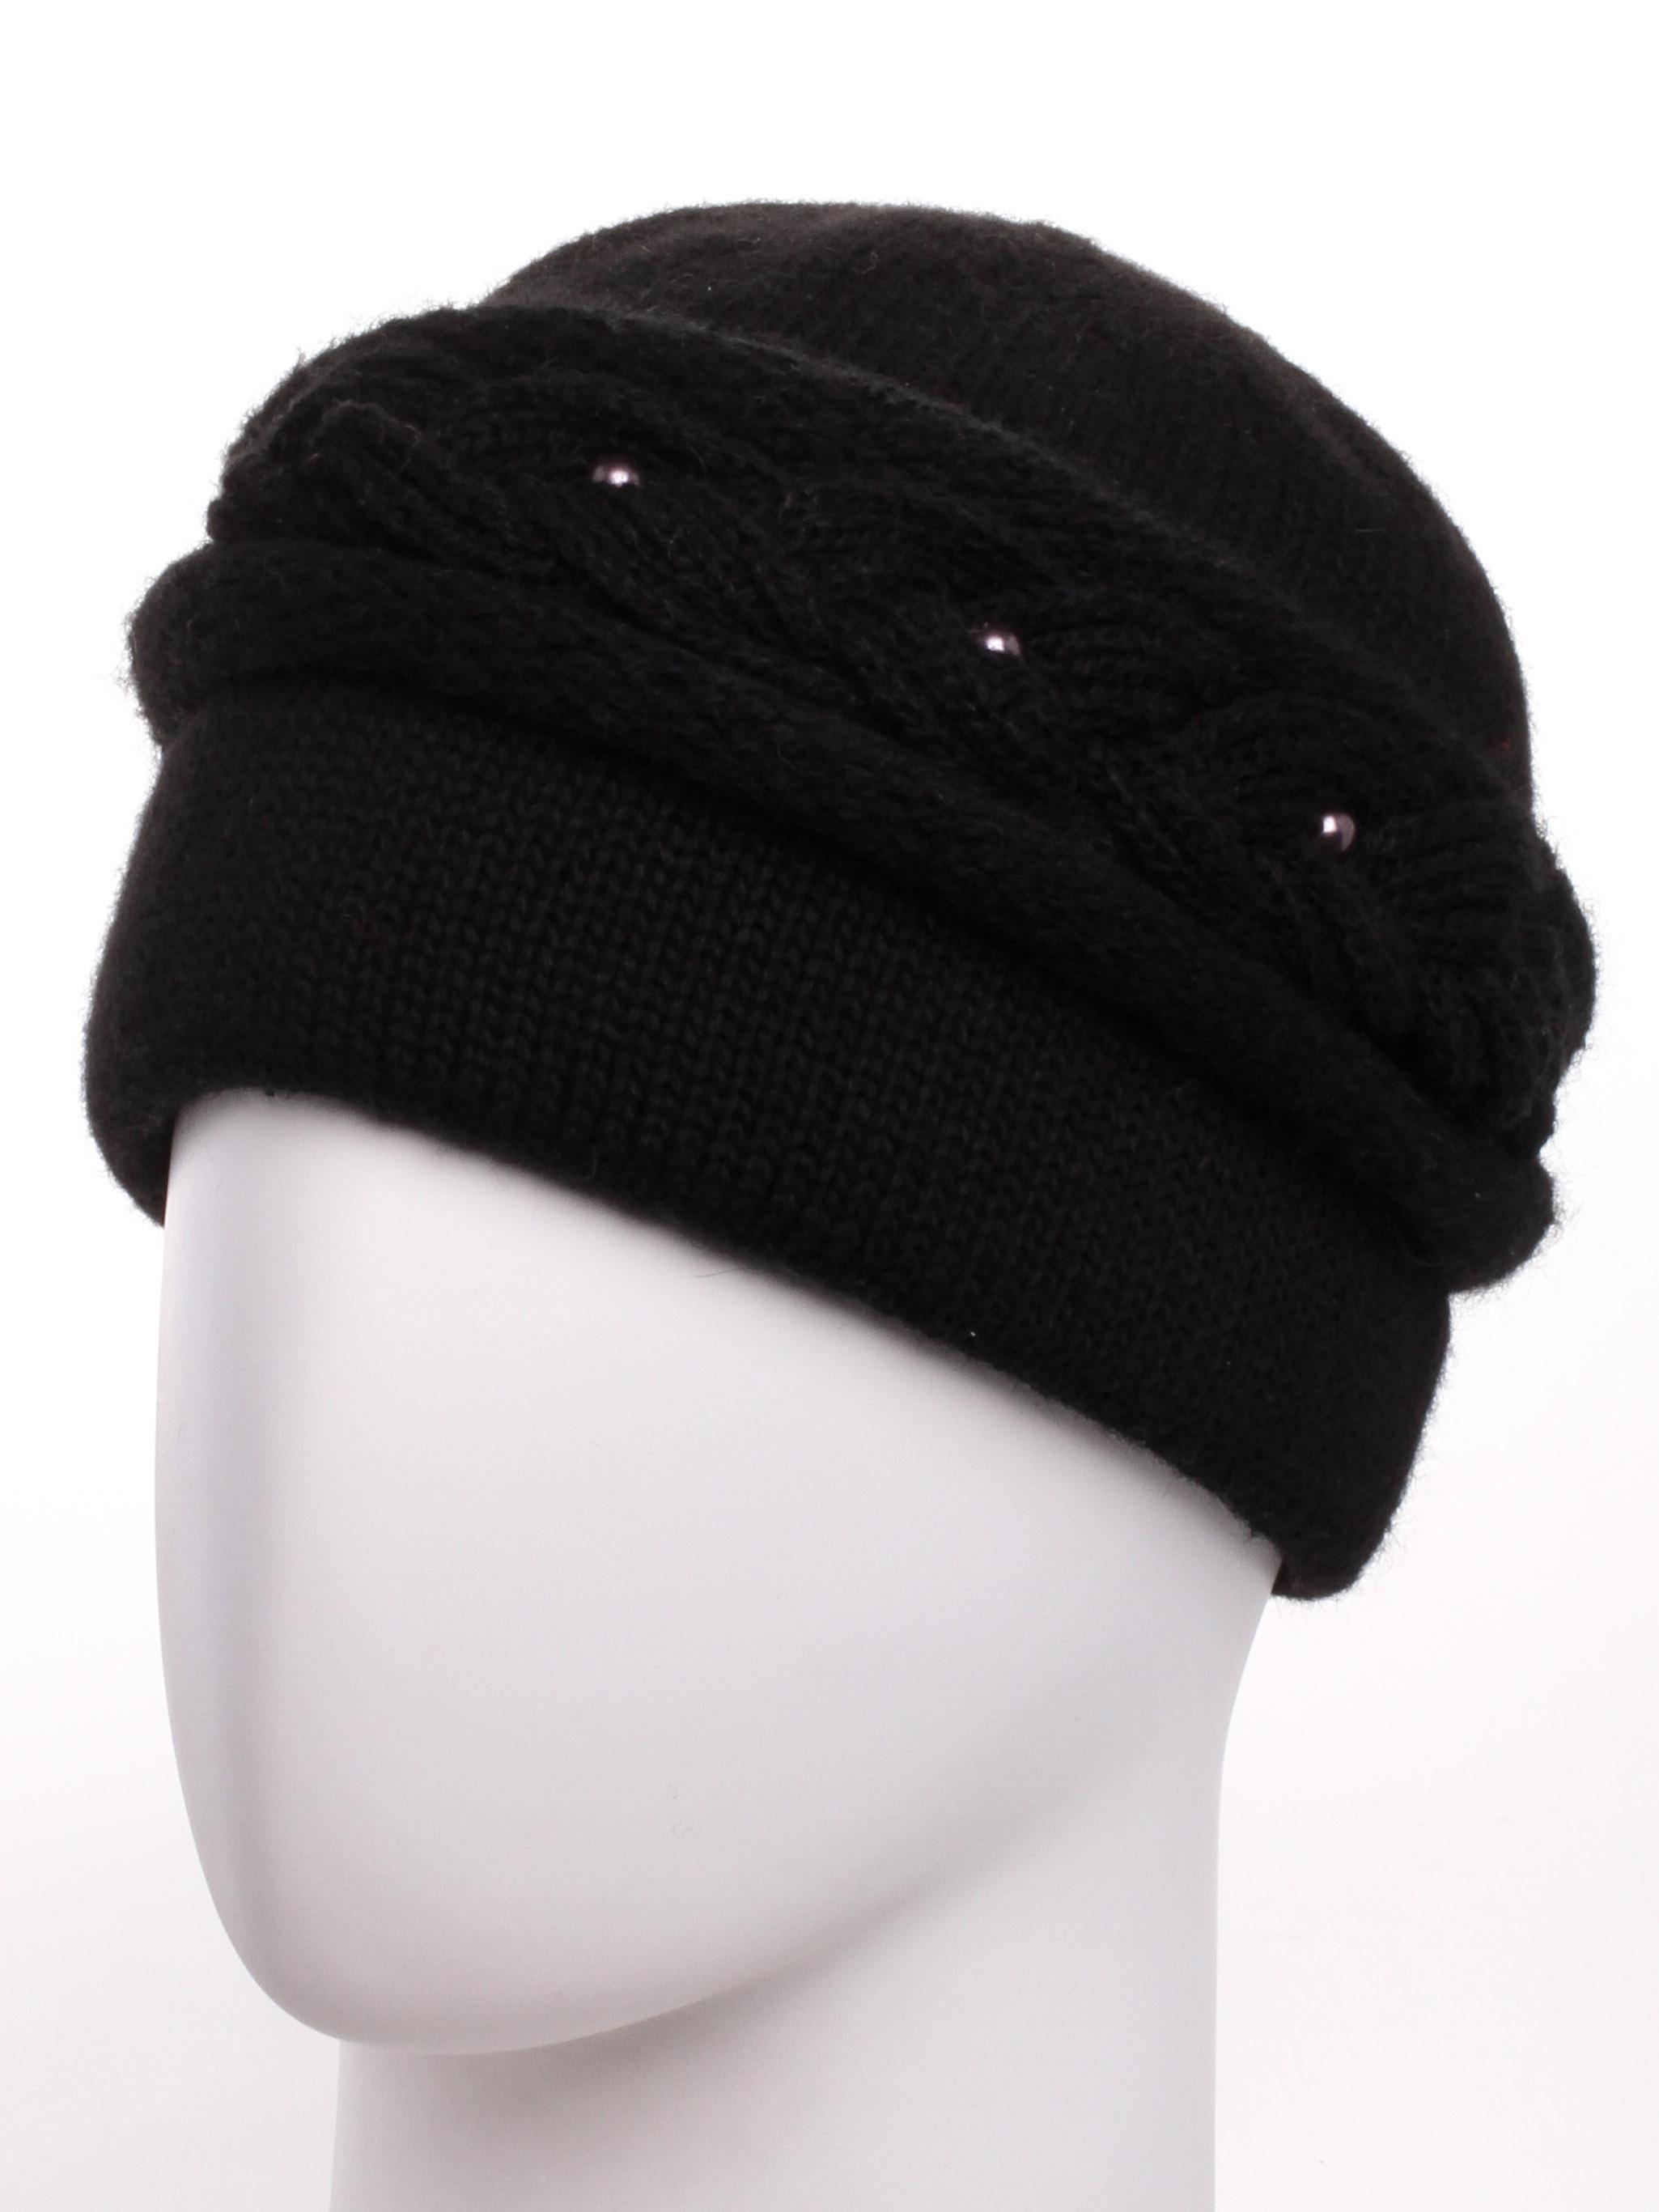 ШапкаШапки<br>Красивая шапка подарит Вам тепло и комфорт.  Стильный аксессуар защитит Вас от непогоды и станет прекрасным дополнением Вашего образа.  Цвет: черный<br><br>По материалу: Вязаные,Трикотаж<br>По рисунку: Однотонные<br>По элементам: С декором<br>По сезону: Зима<br>Размер : universal<br>Материал: Вязаное полотно<br>Количество в наличии: 1